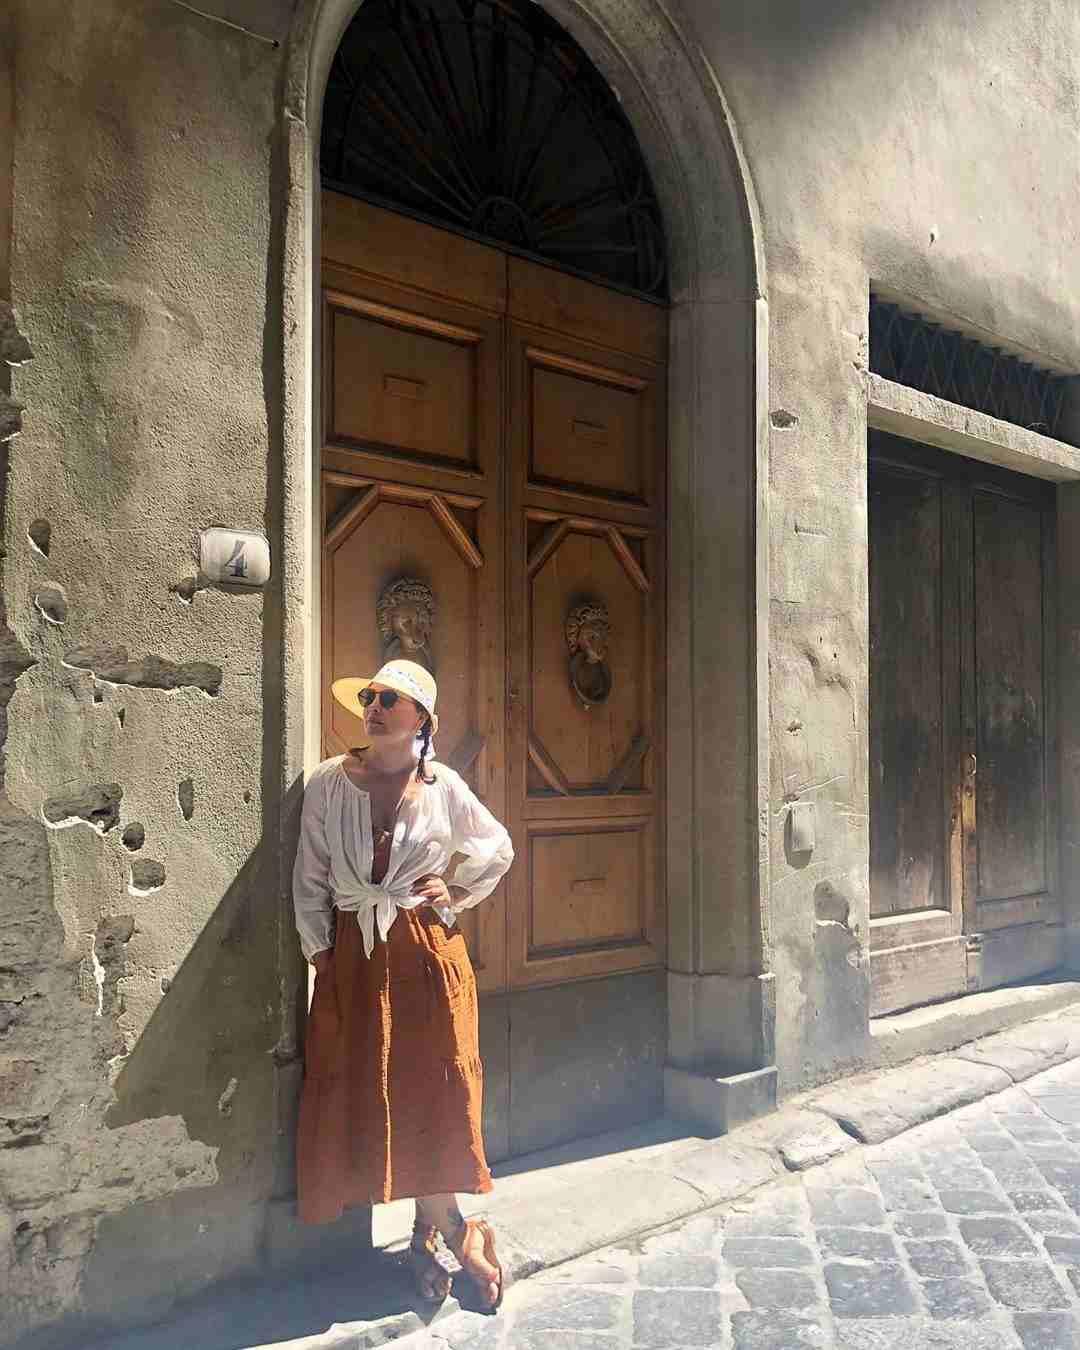 क्रोशियासोबतच भूपती कुटूंबाने फ्लोरेंस, इटली या देशांनाही भेट दिली. यावेळी तिने पांढऱ्या रंगाचं शर्ट, मस्टड रंगाचा जंपसूट घातला होता.